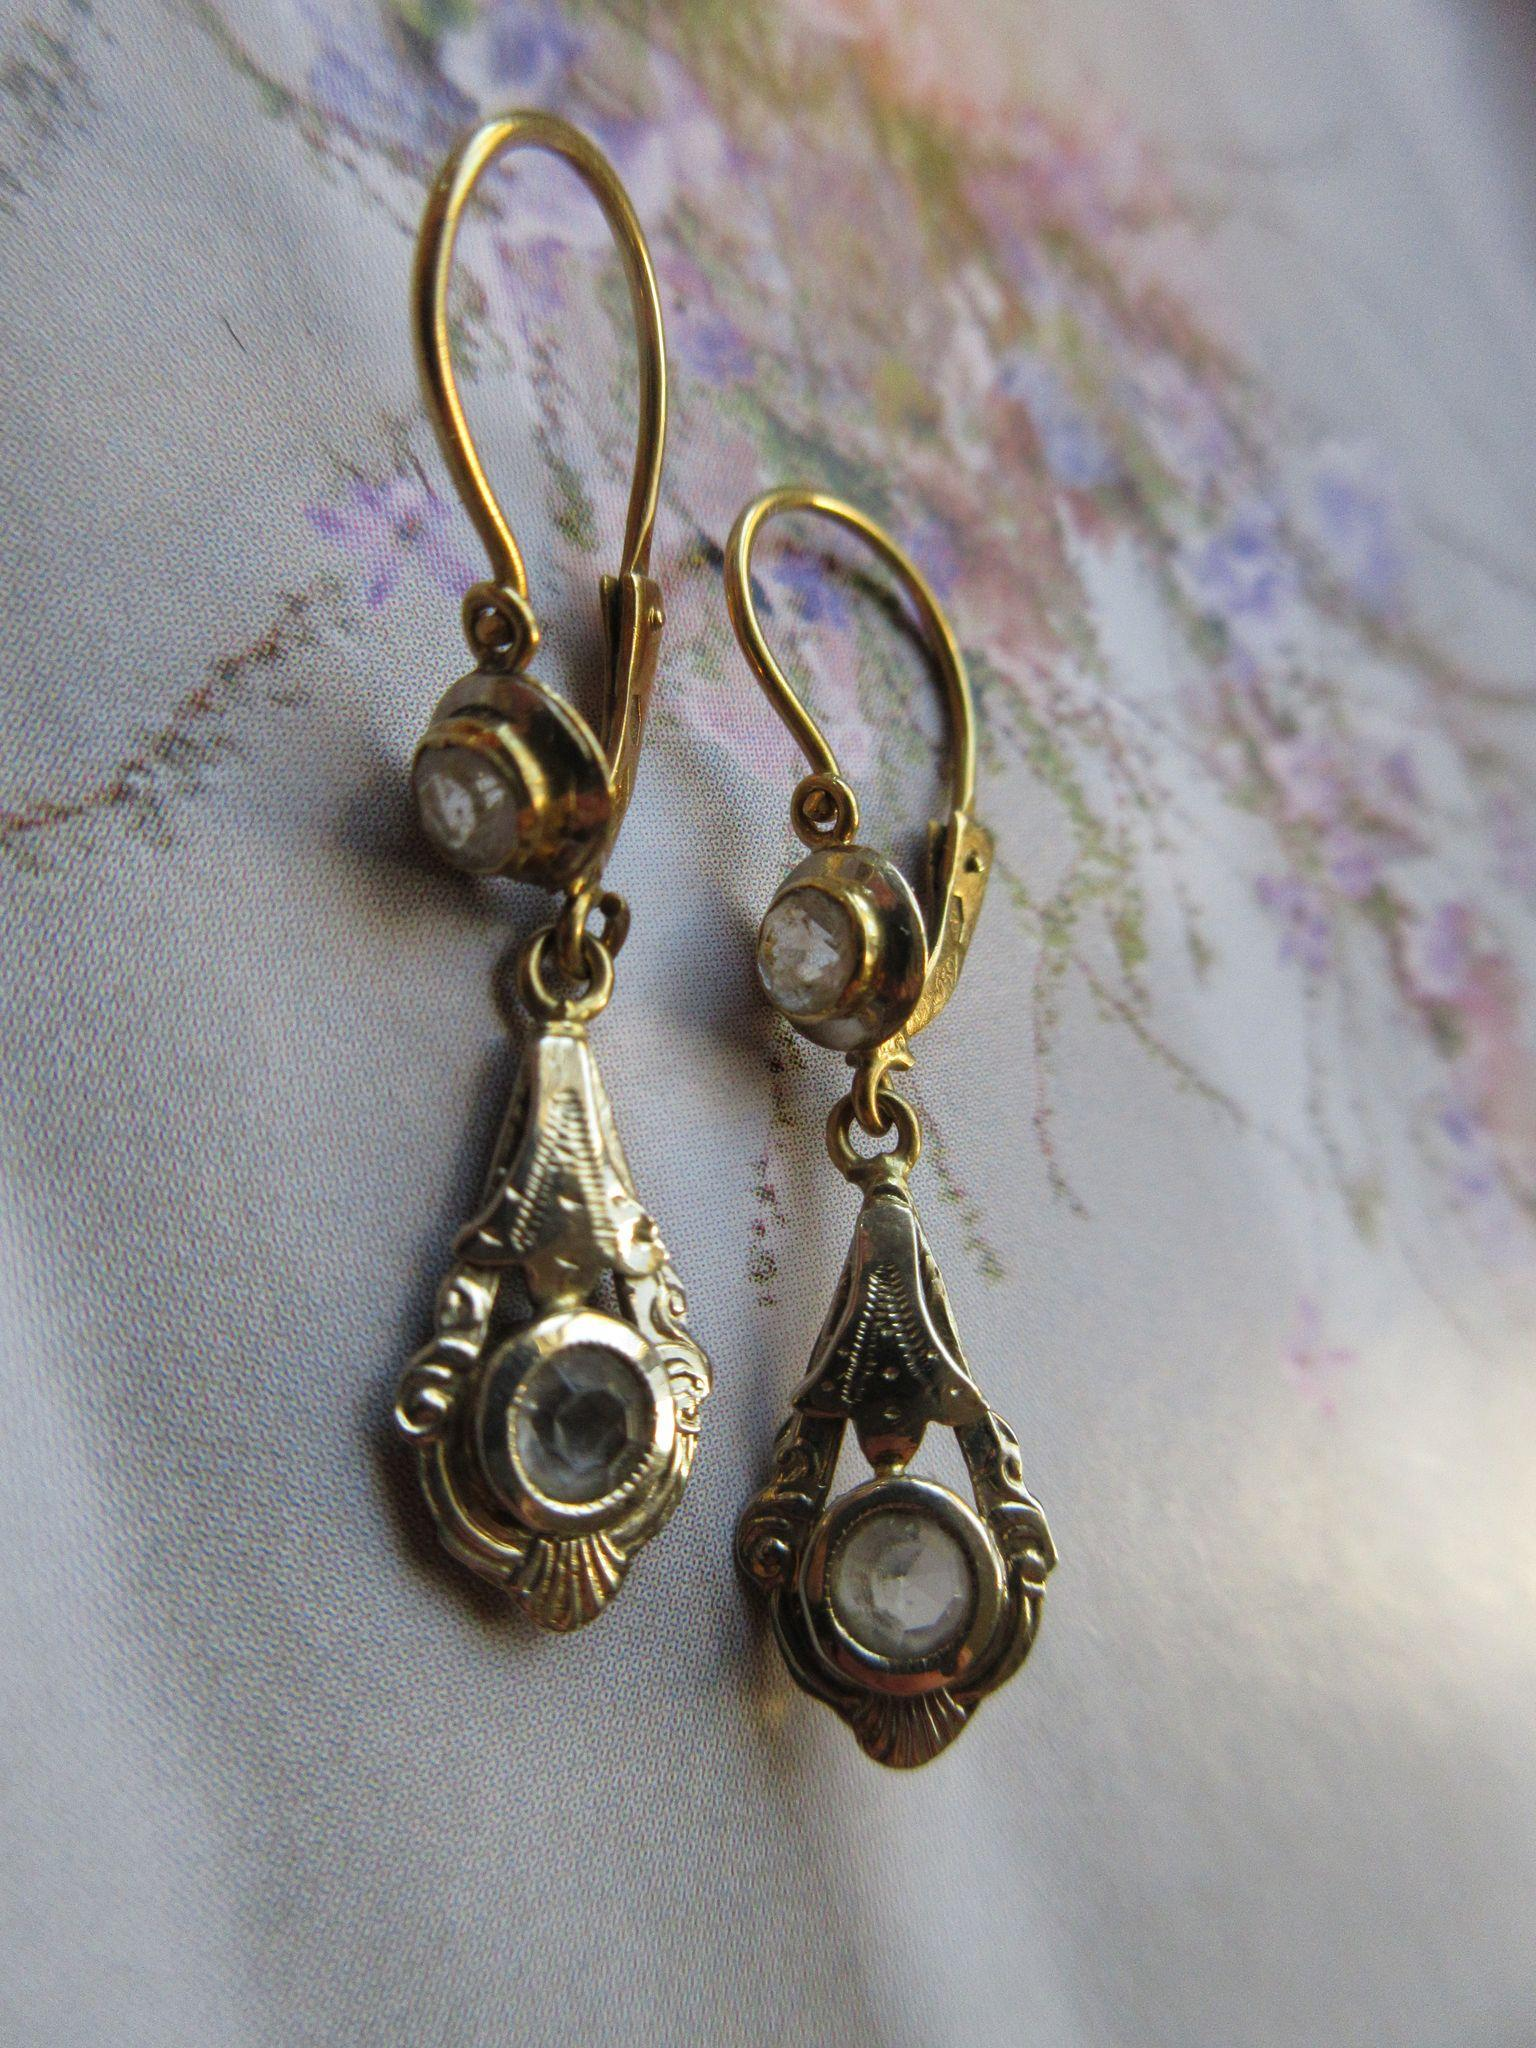 Victorian 18K Paste Pierced Earrings, European Antique Earrings